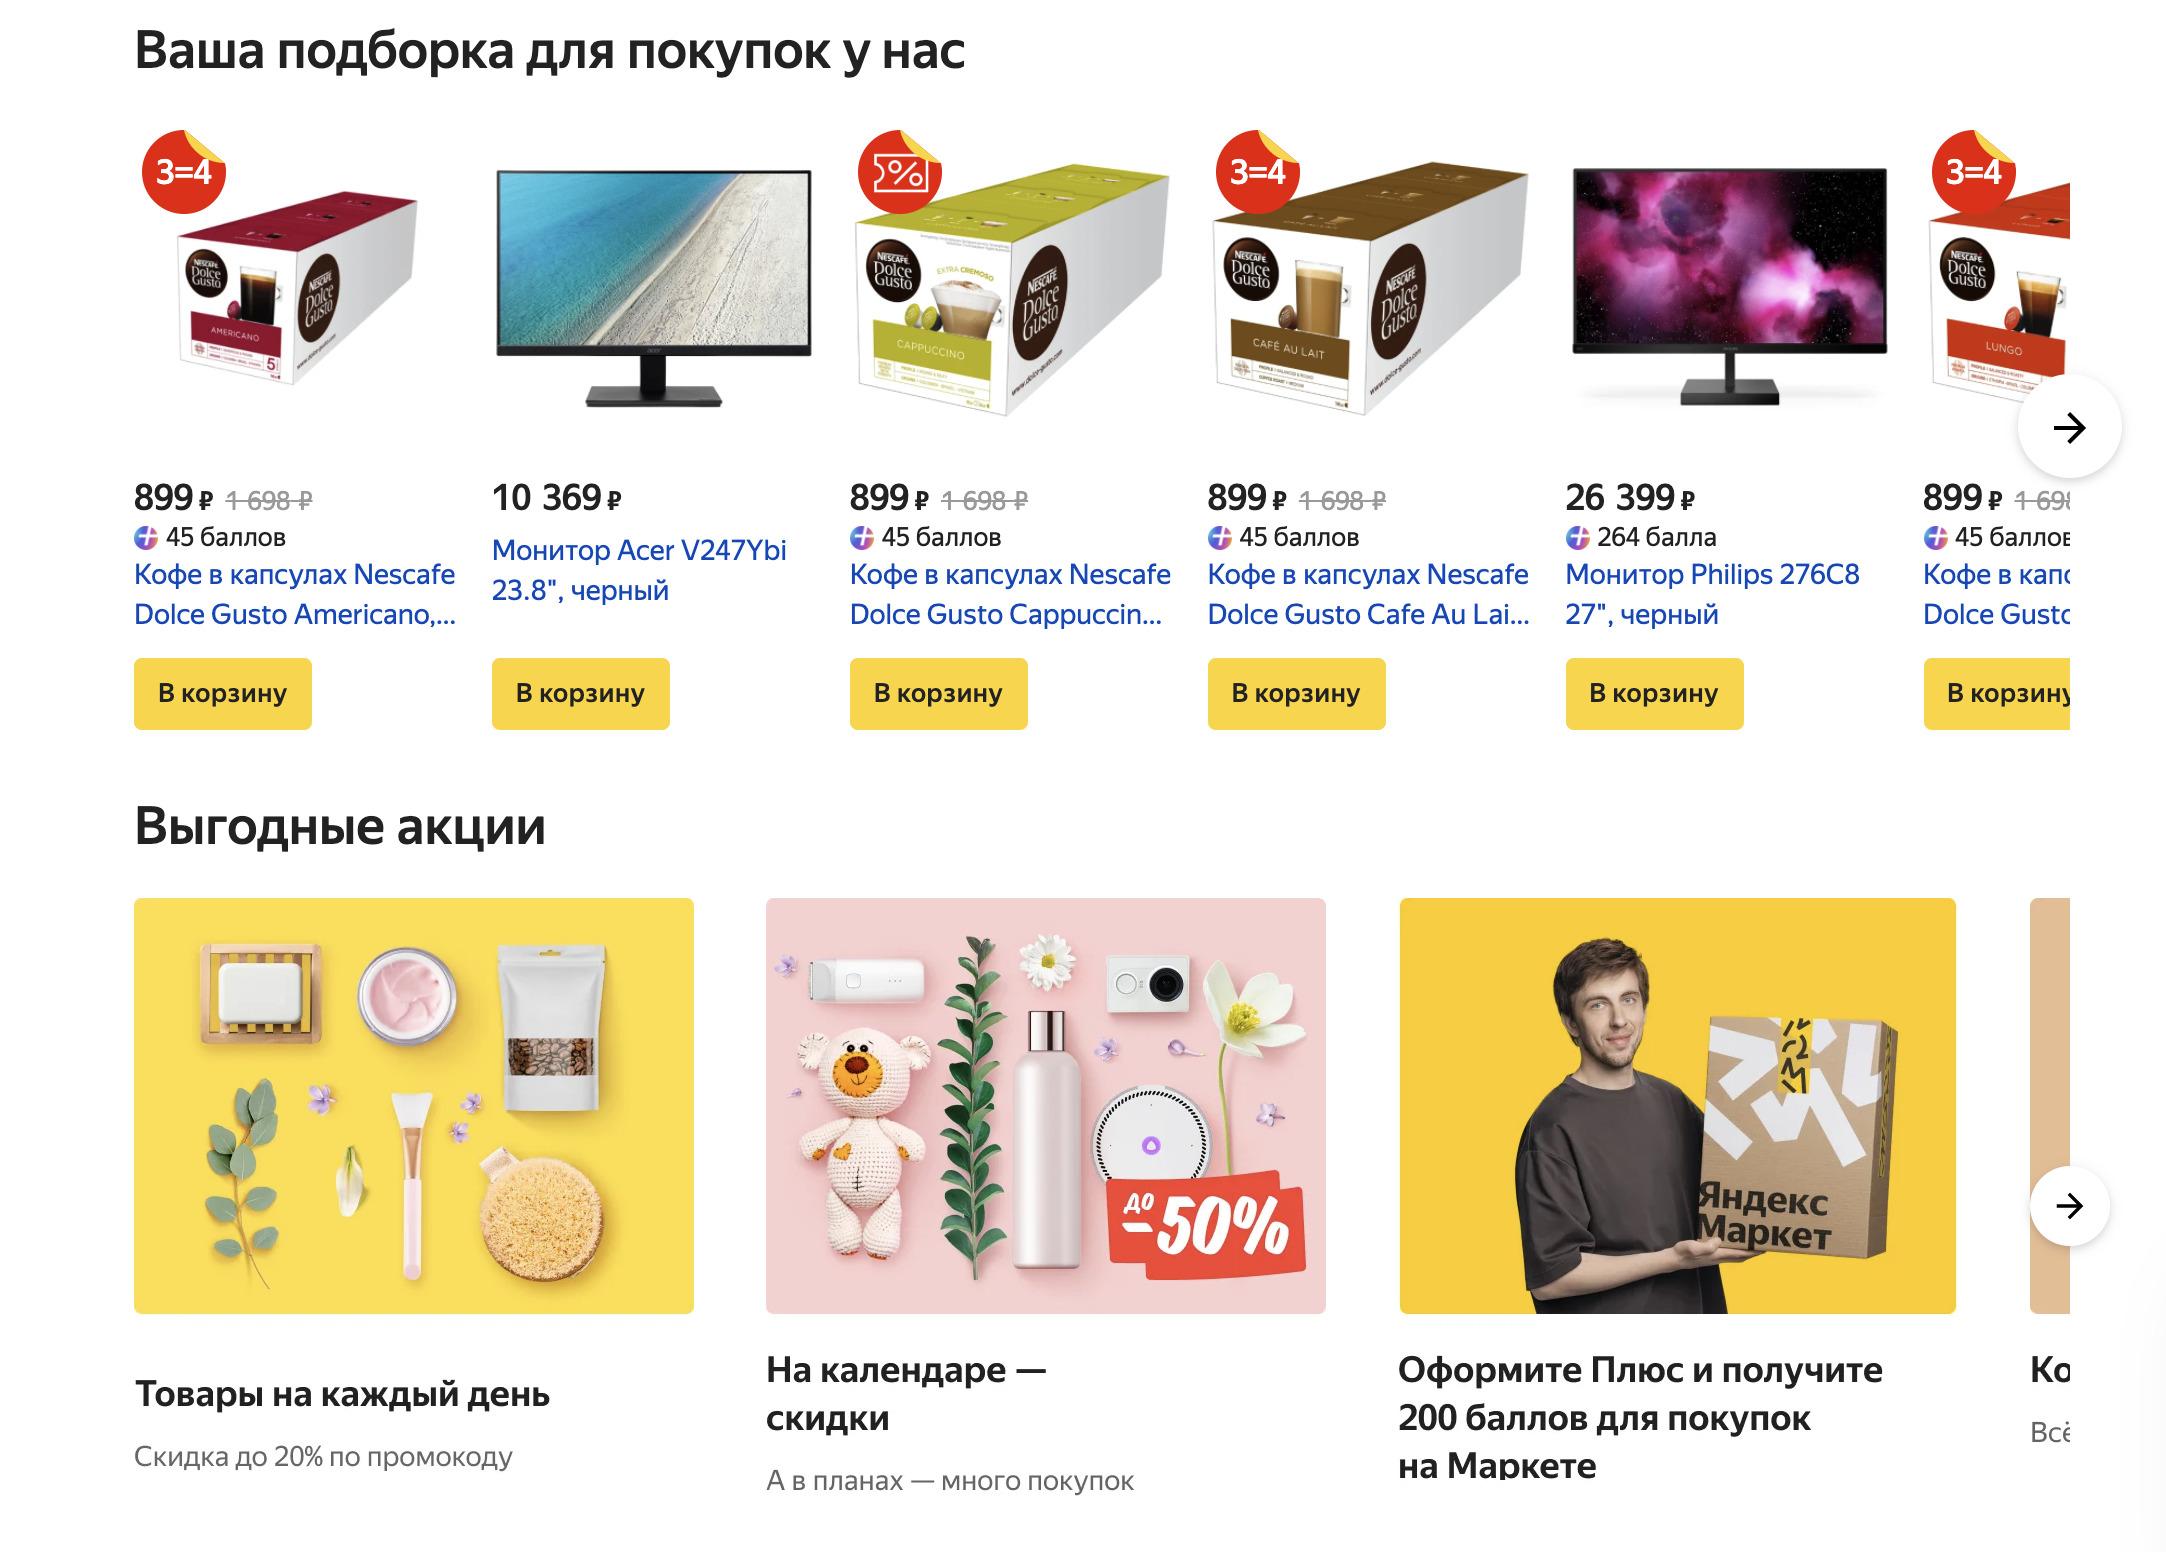 Доставка из Яндекс.Маркет в Славянск-на-Кубани, сроки, пункты выдачи, каталог